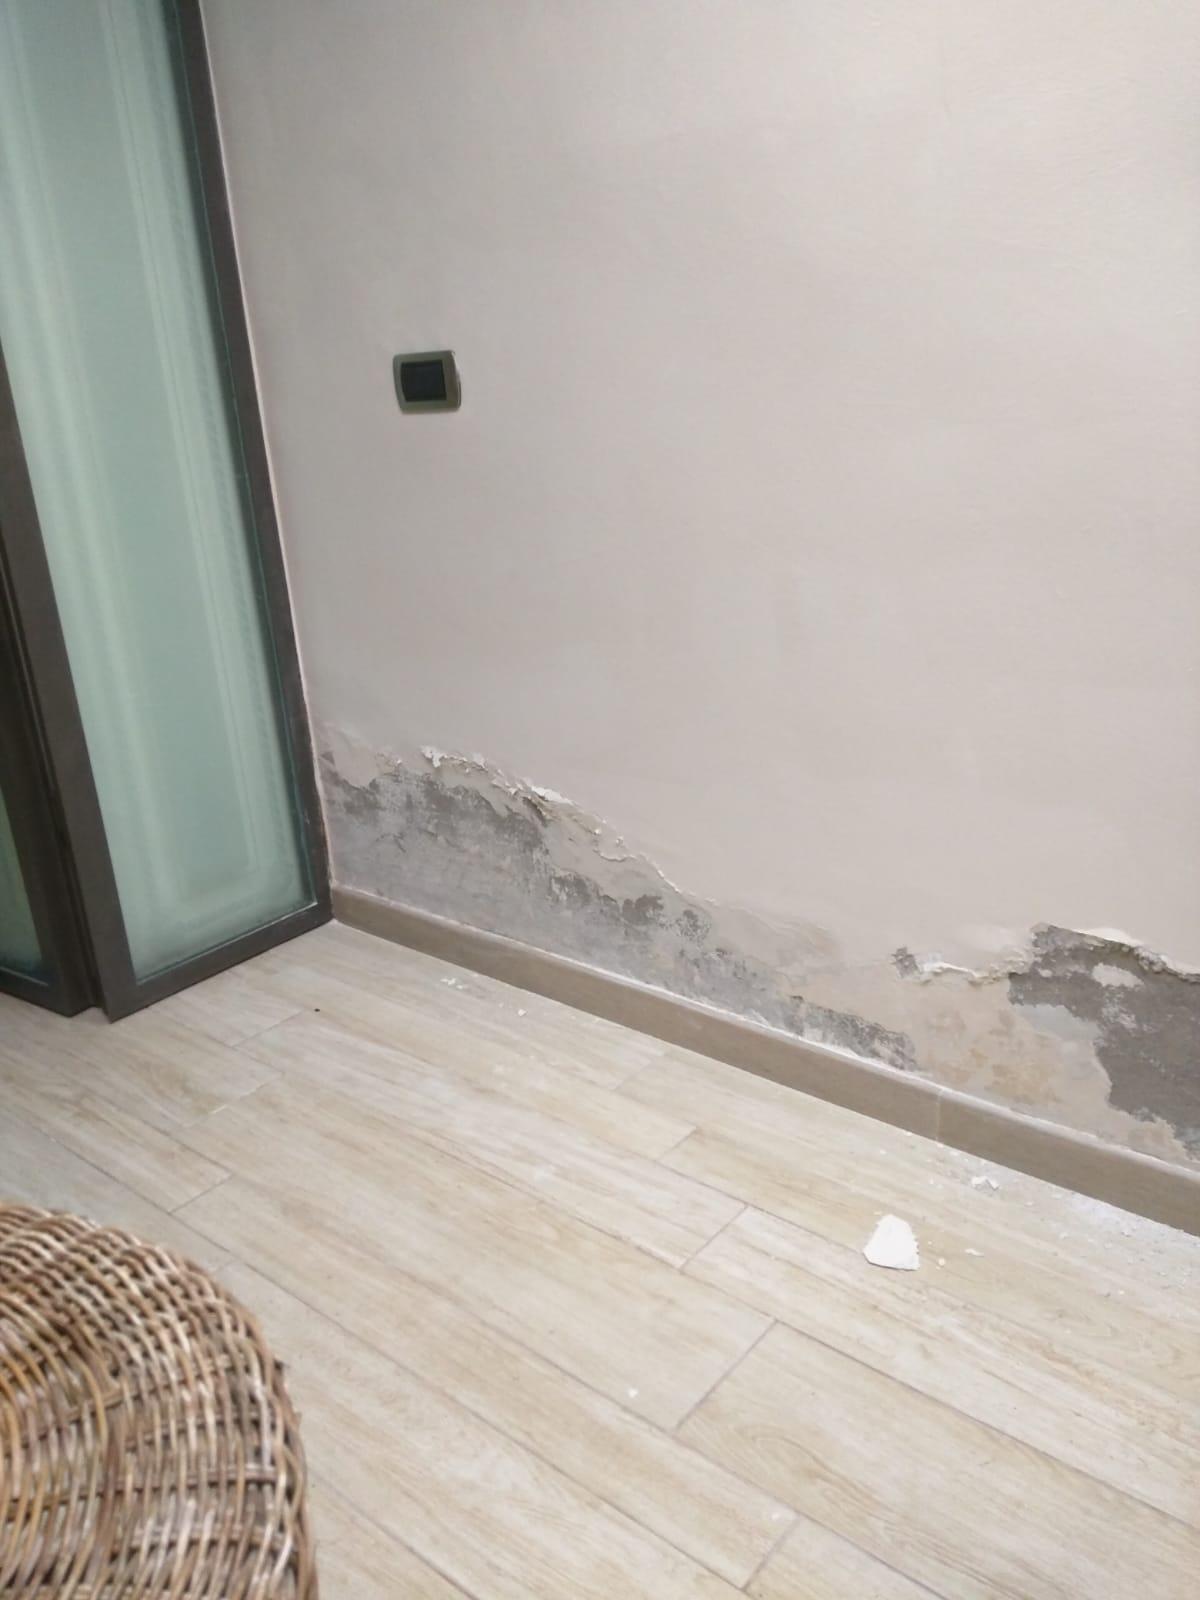 umidità di risalita alla base del muro